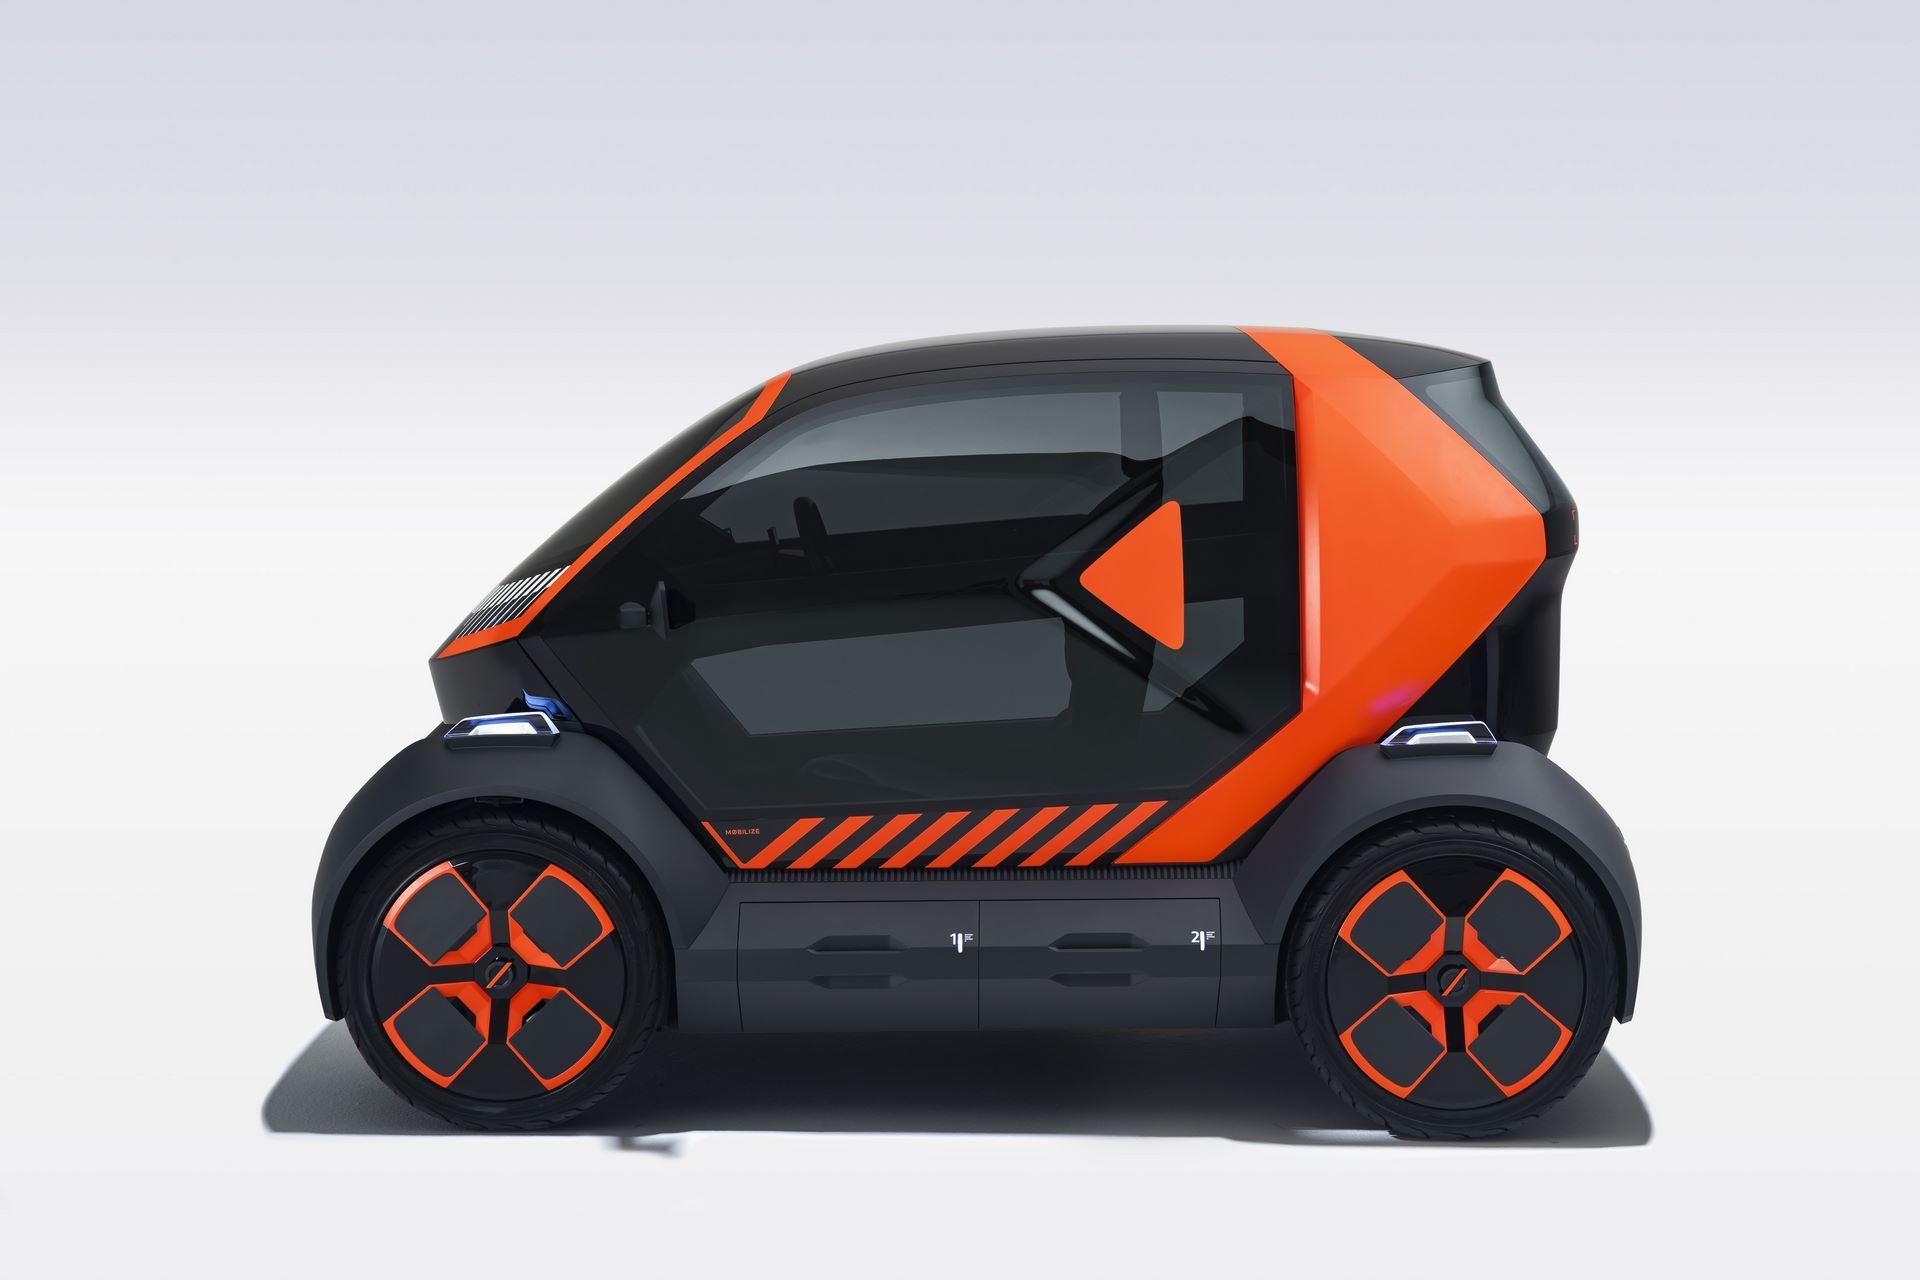 2-2021-Mobilize-EZ-1-Prototype